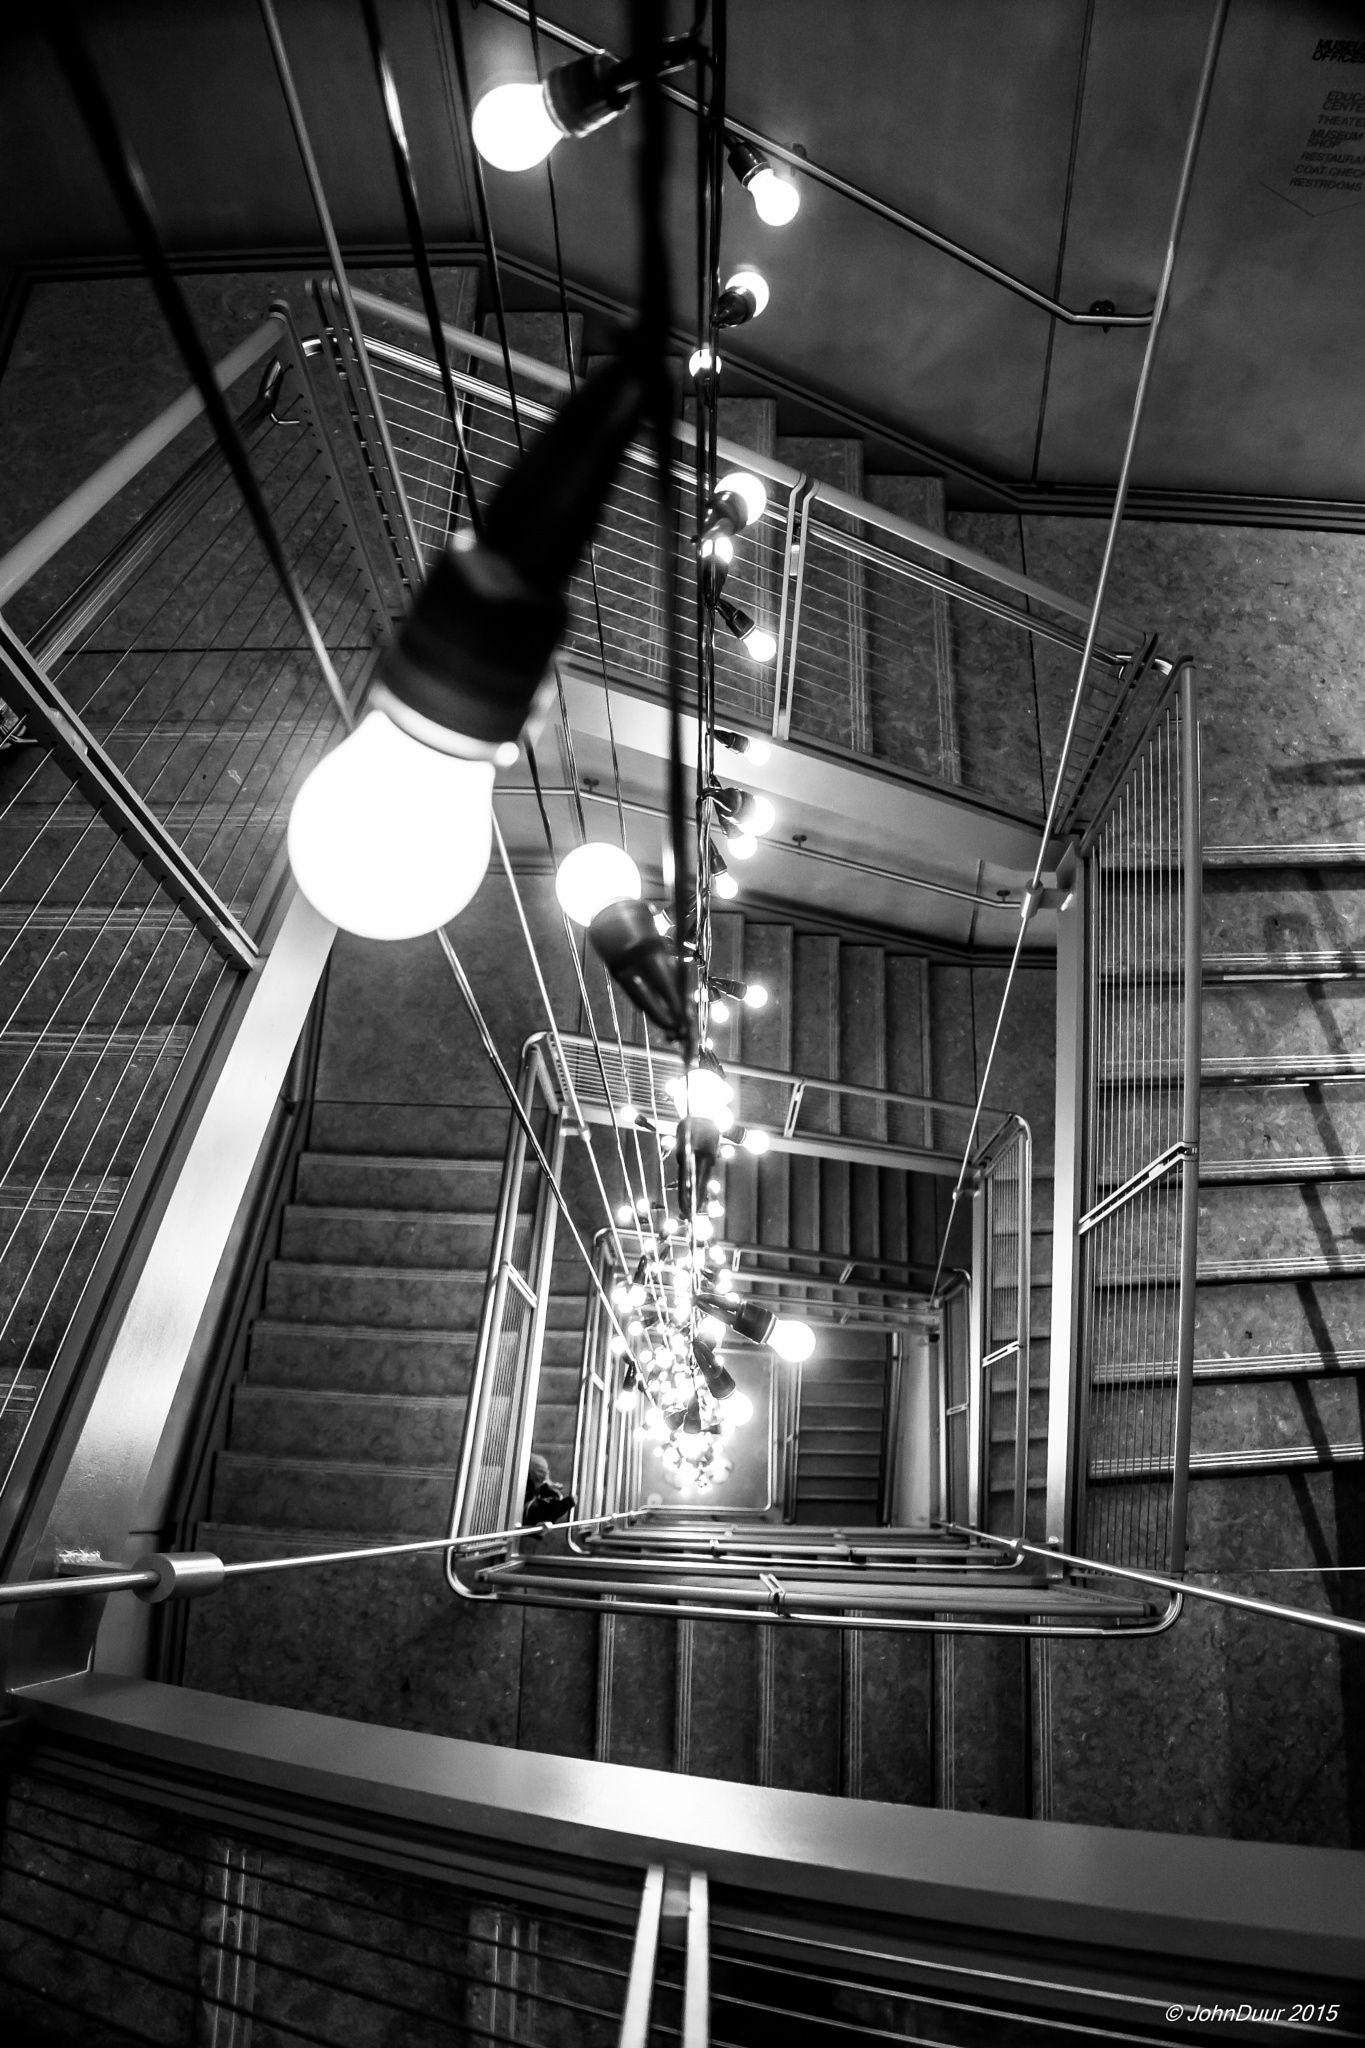 Light Bulbs In Staircase Of Whitney Museum. John